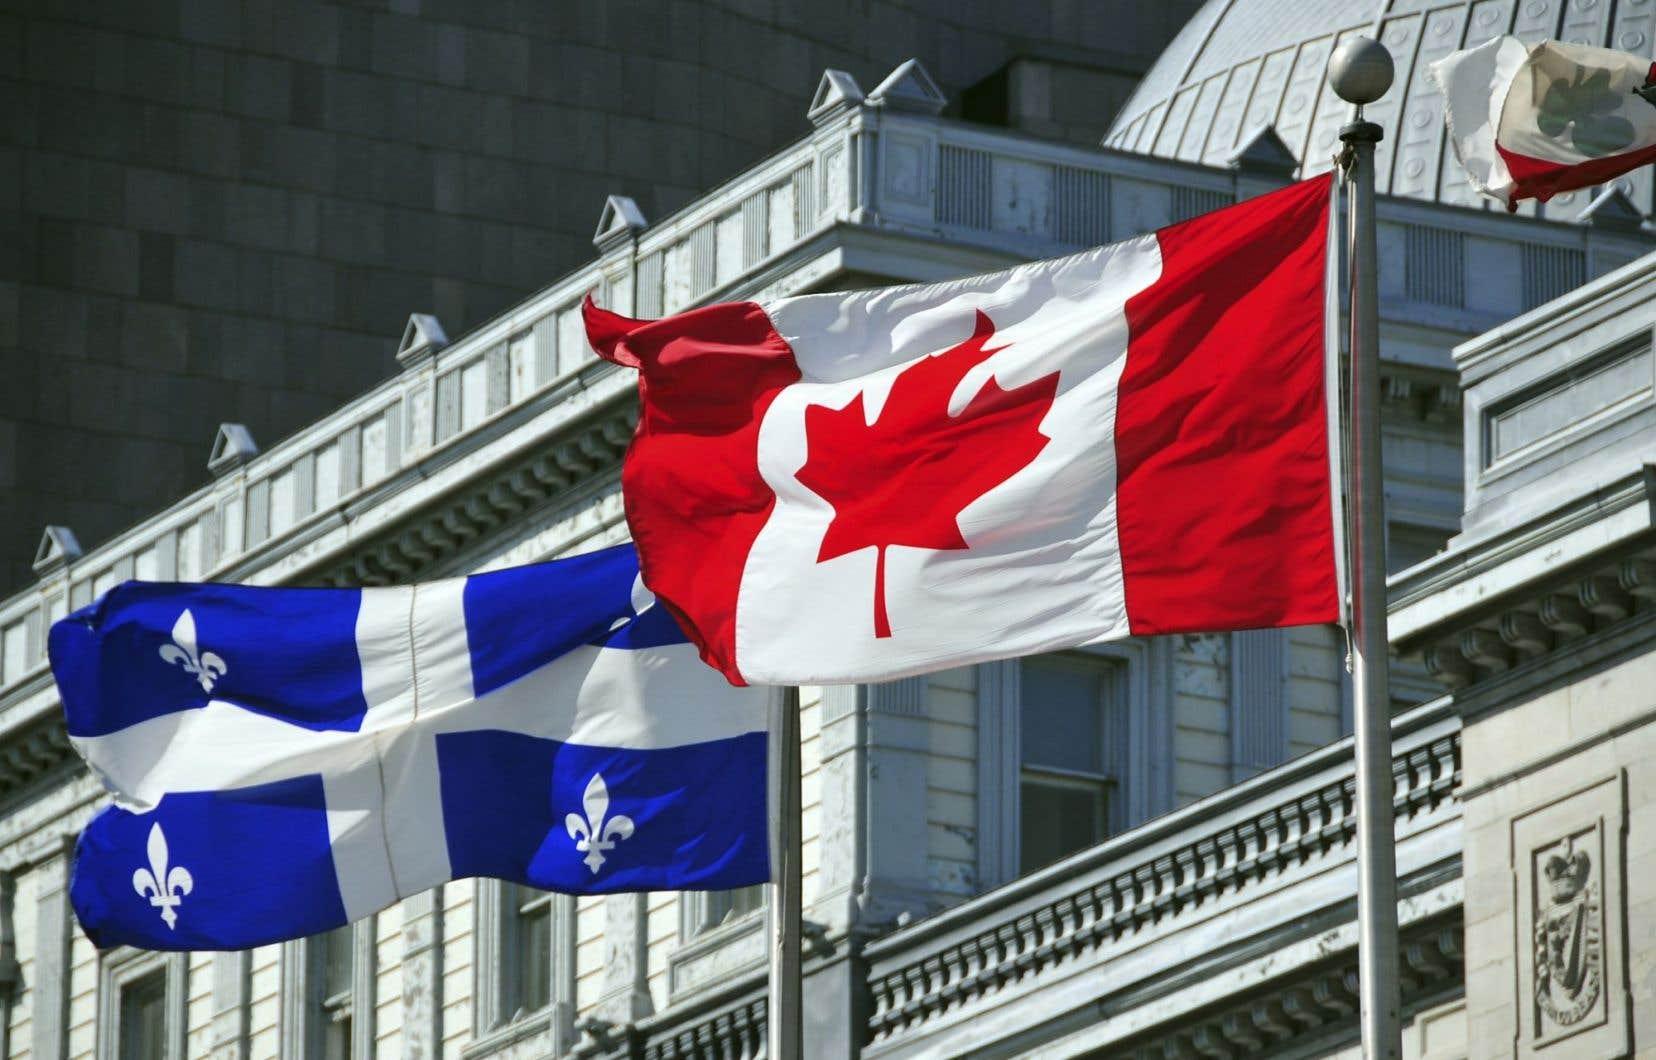 «M. Fournier, comme tous les Québécois dont il se réclame qui se disent attachés au Canada, devrait peut-être travailler à connaître ce qu'il en est, dans la pratique, au Canada, quant au bilinguime» selonSimon Couillard.